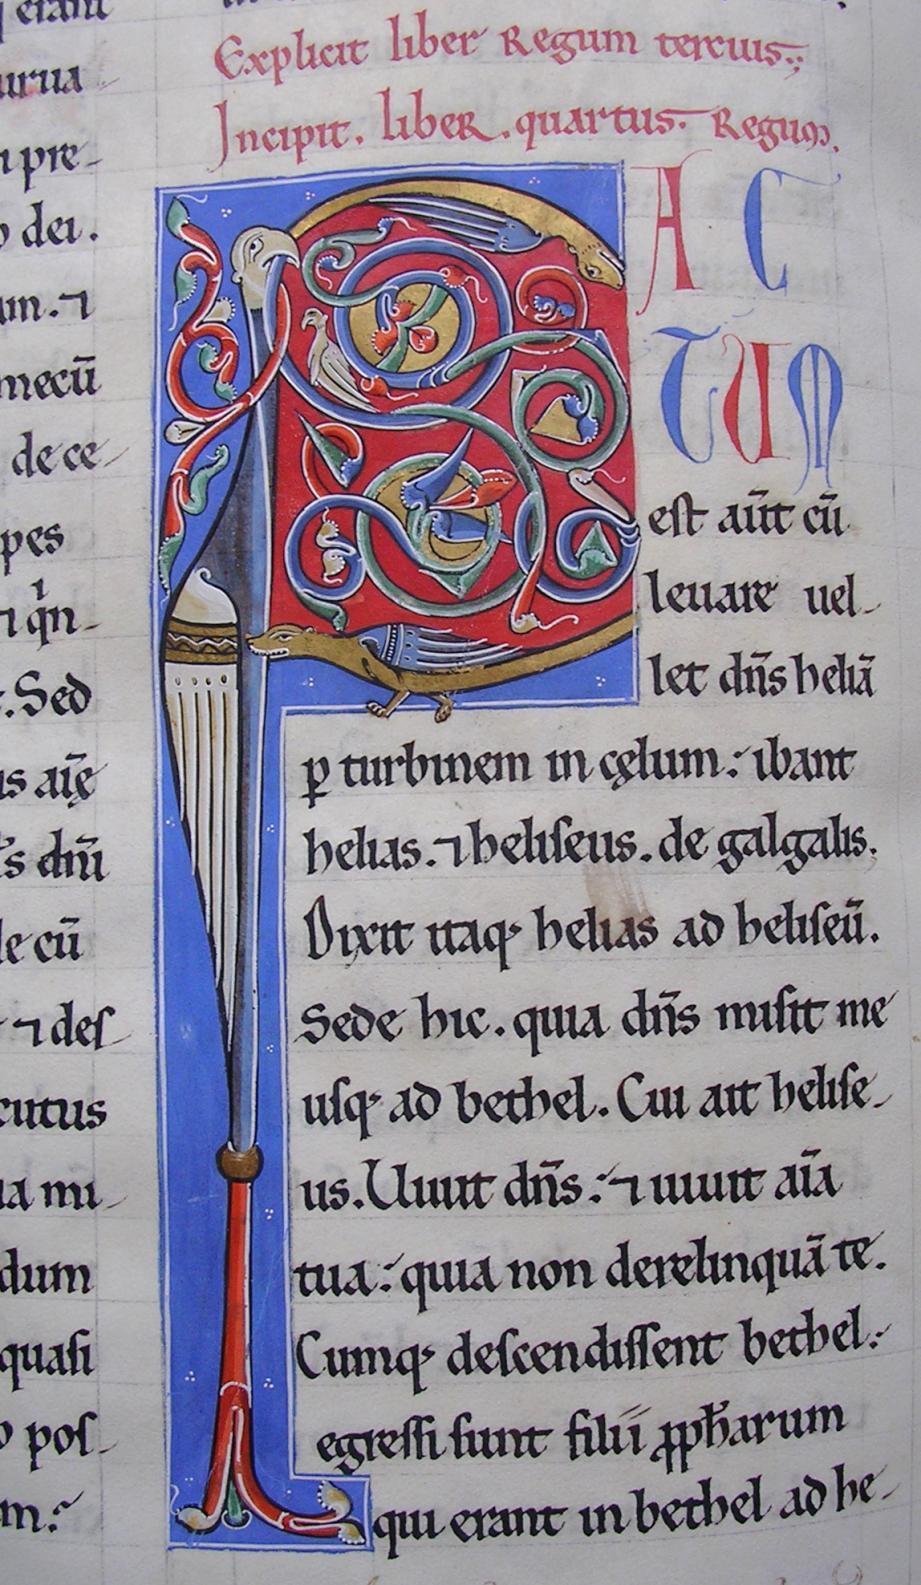 La Bible est conservée à l'abbaye de Lérins.